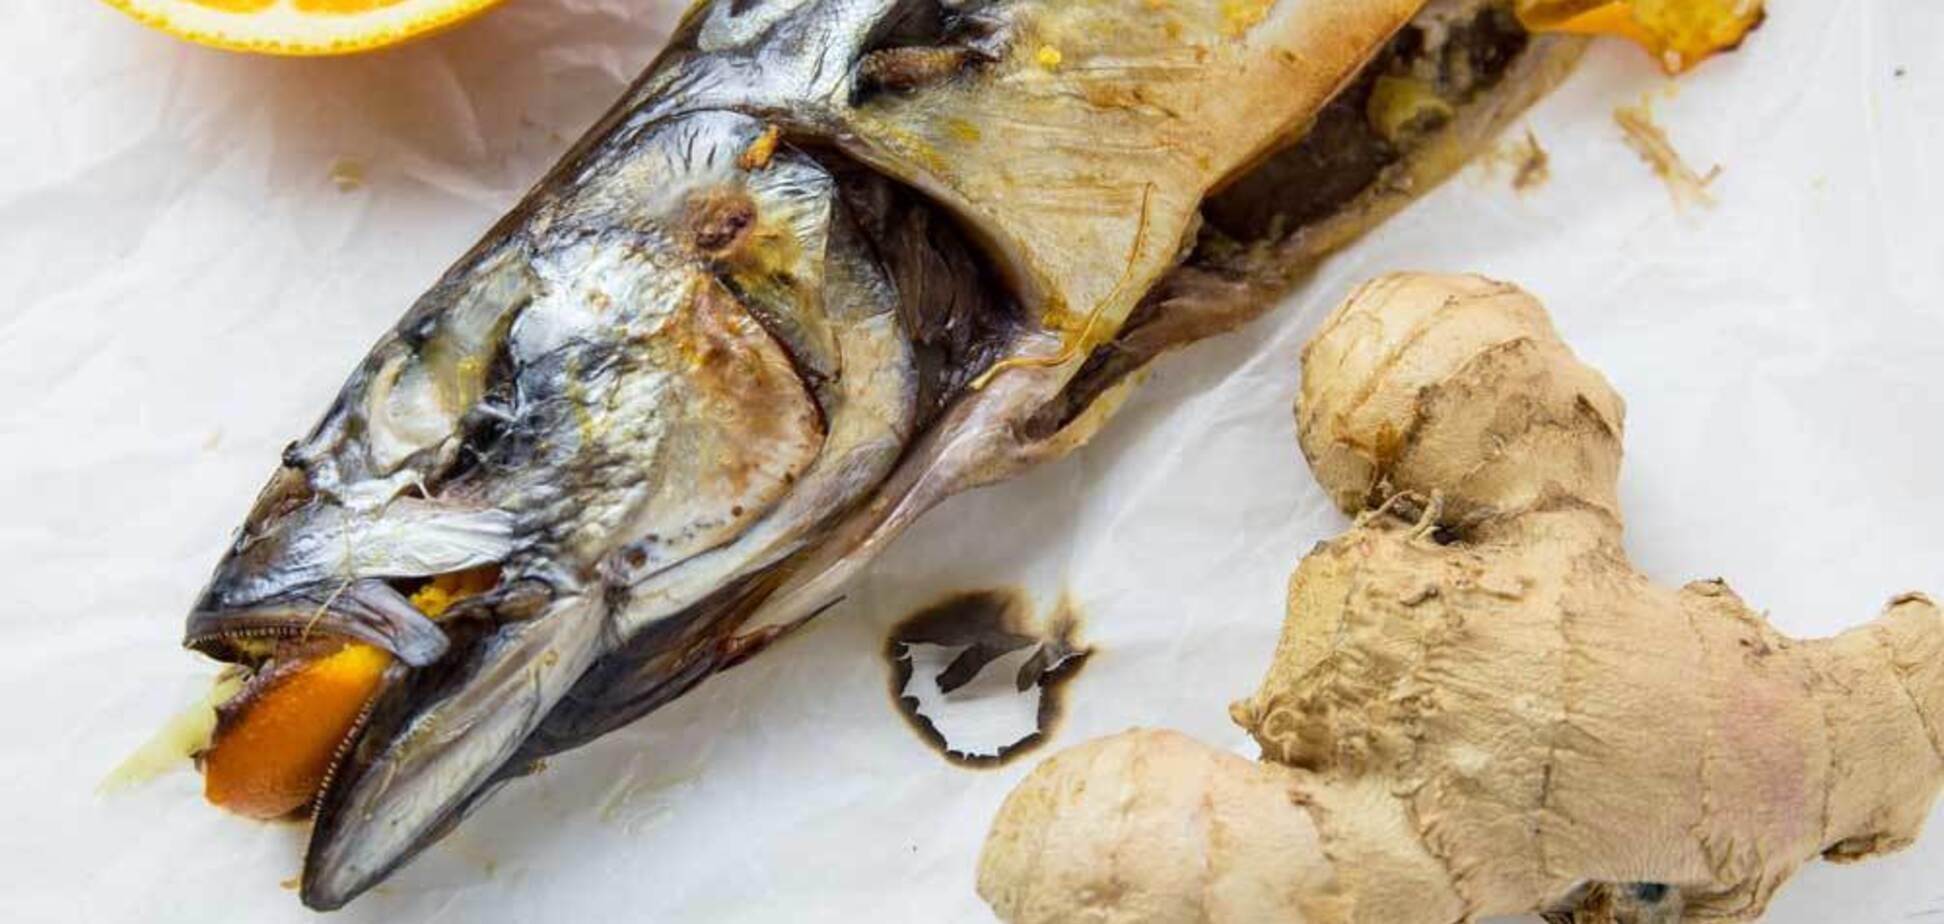 Как вкусно приготовить скумбрию: рецепт от известного кулинара